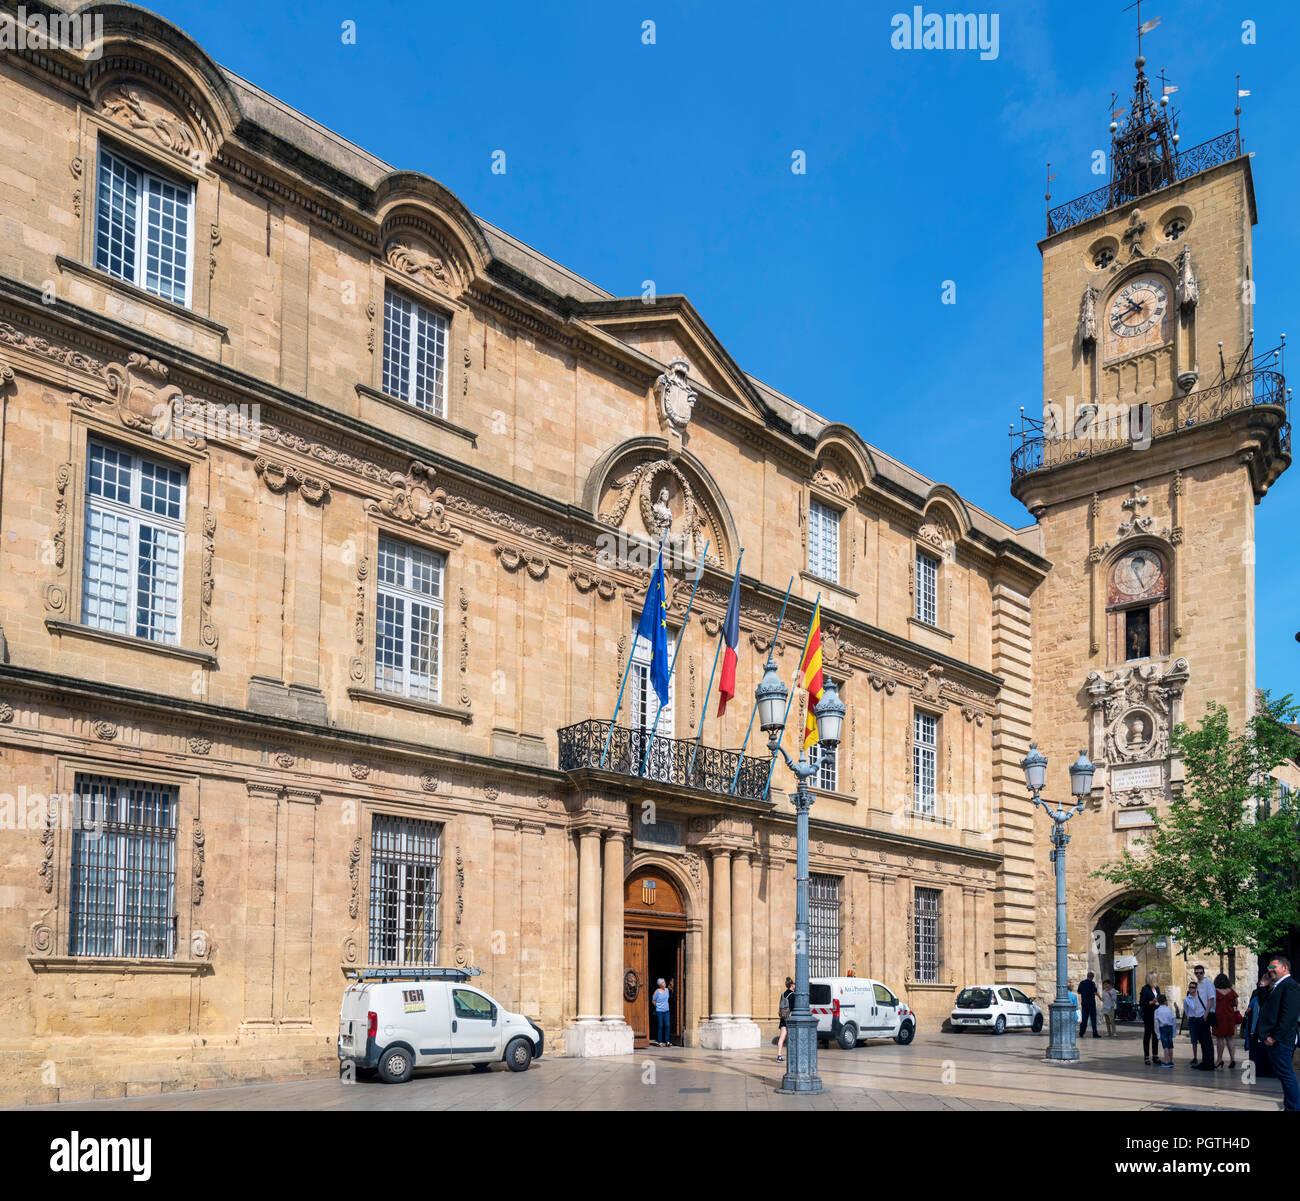 Town Hall in Place de l'Hôtel de ville, Aix-en-Provence, Provence, France - Stock Image